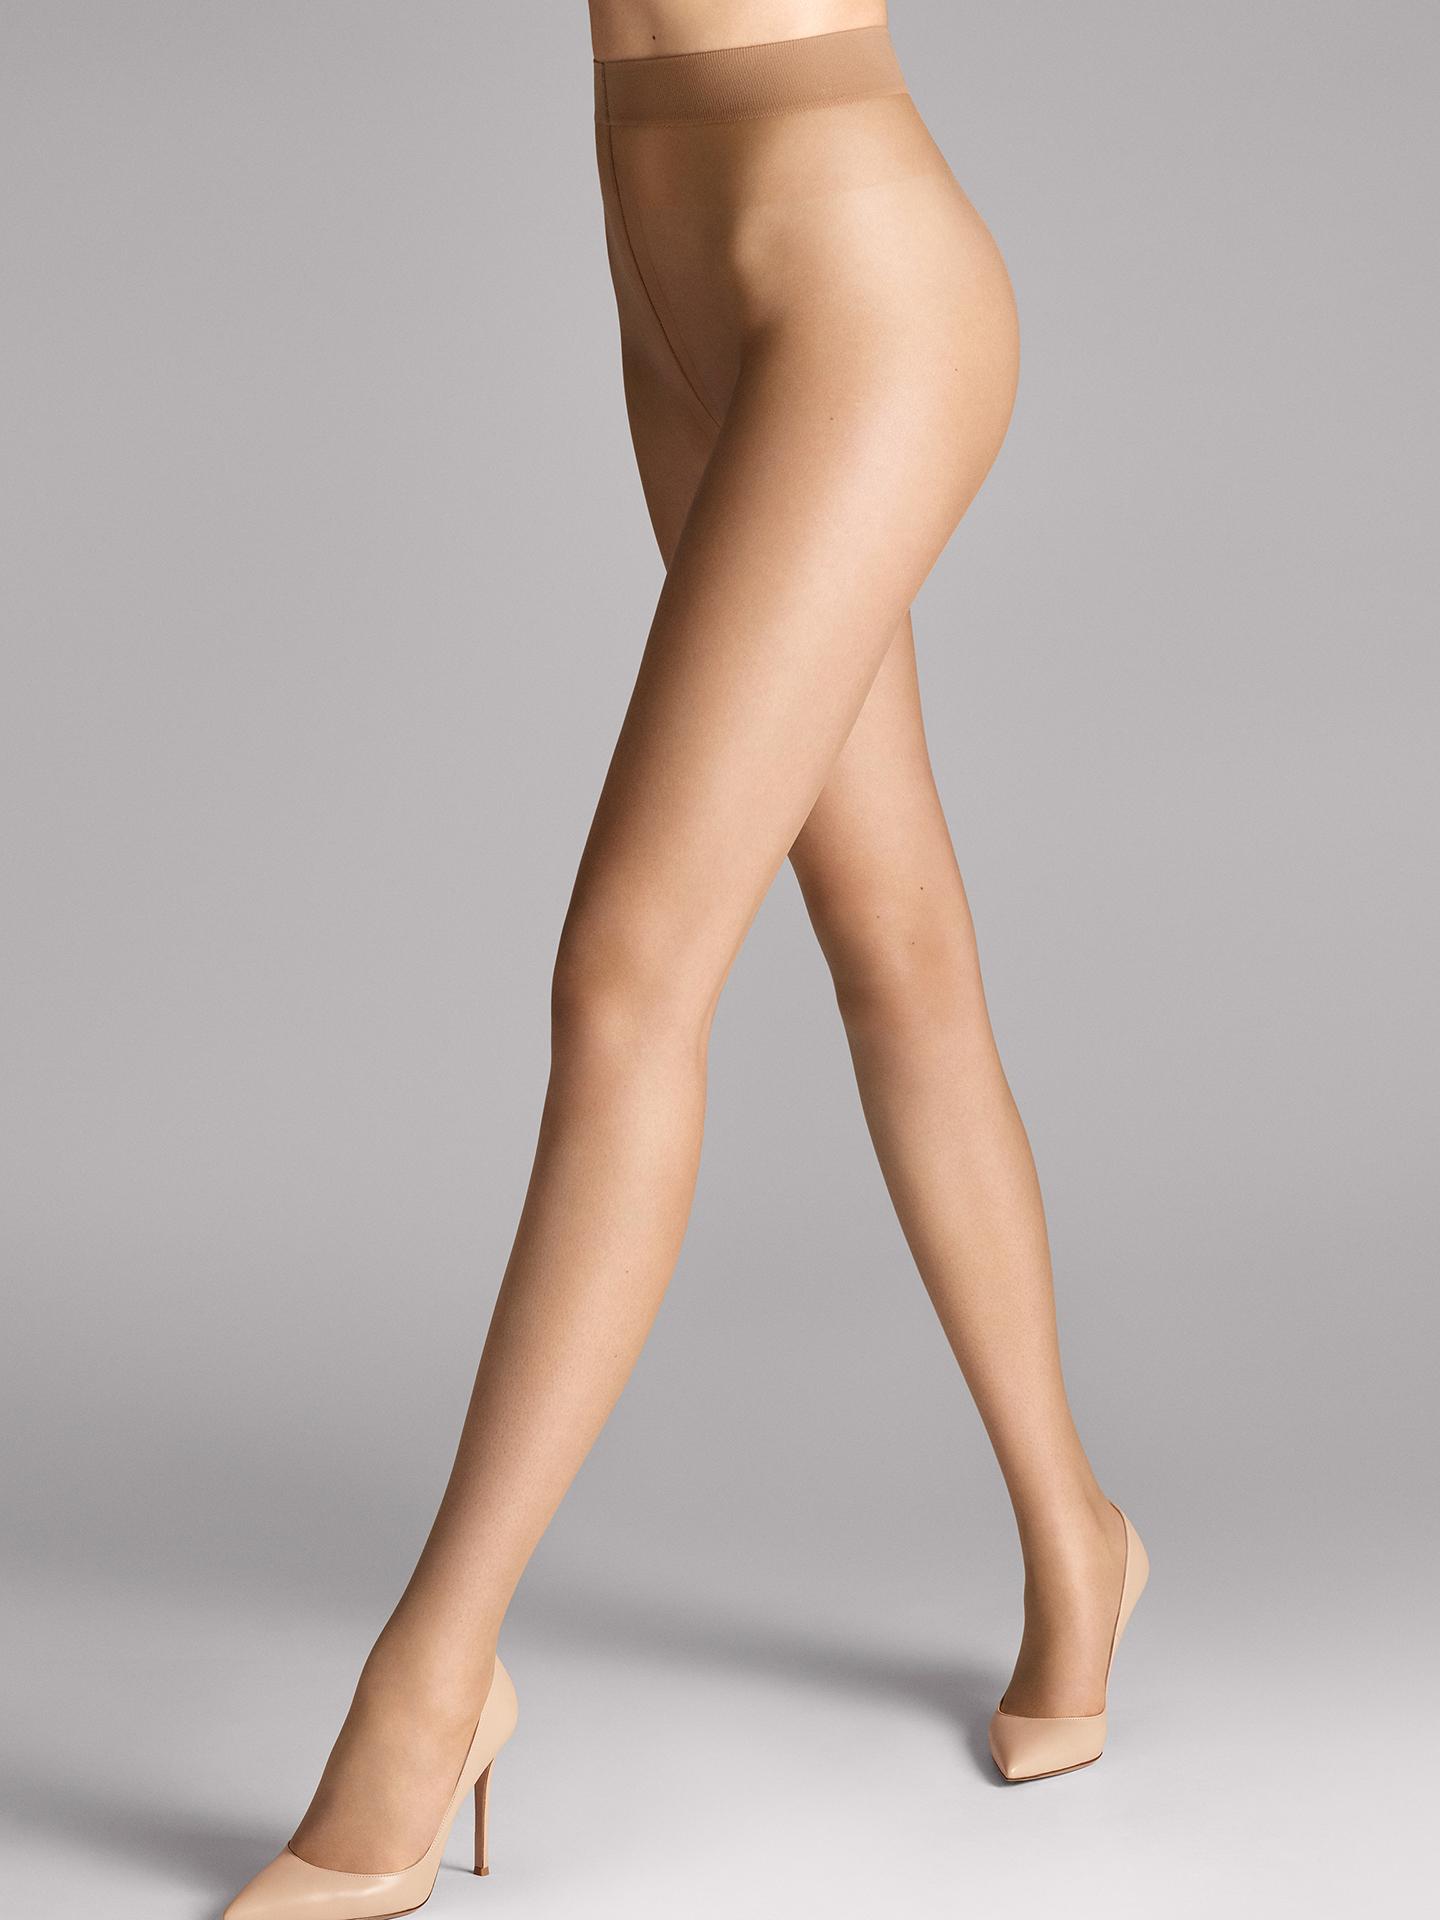 Nude 8 Tights - 4467 - XL